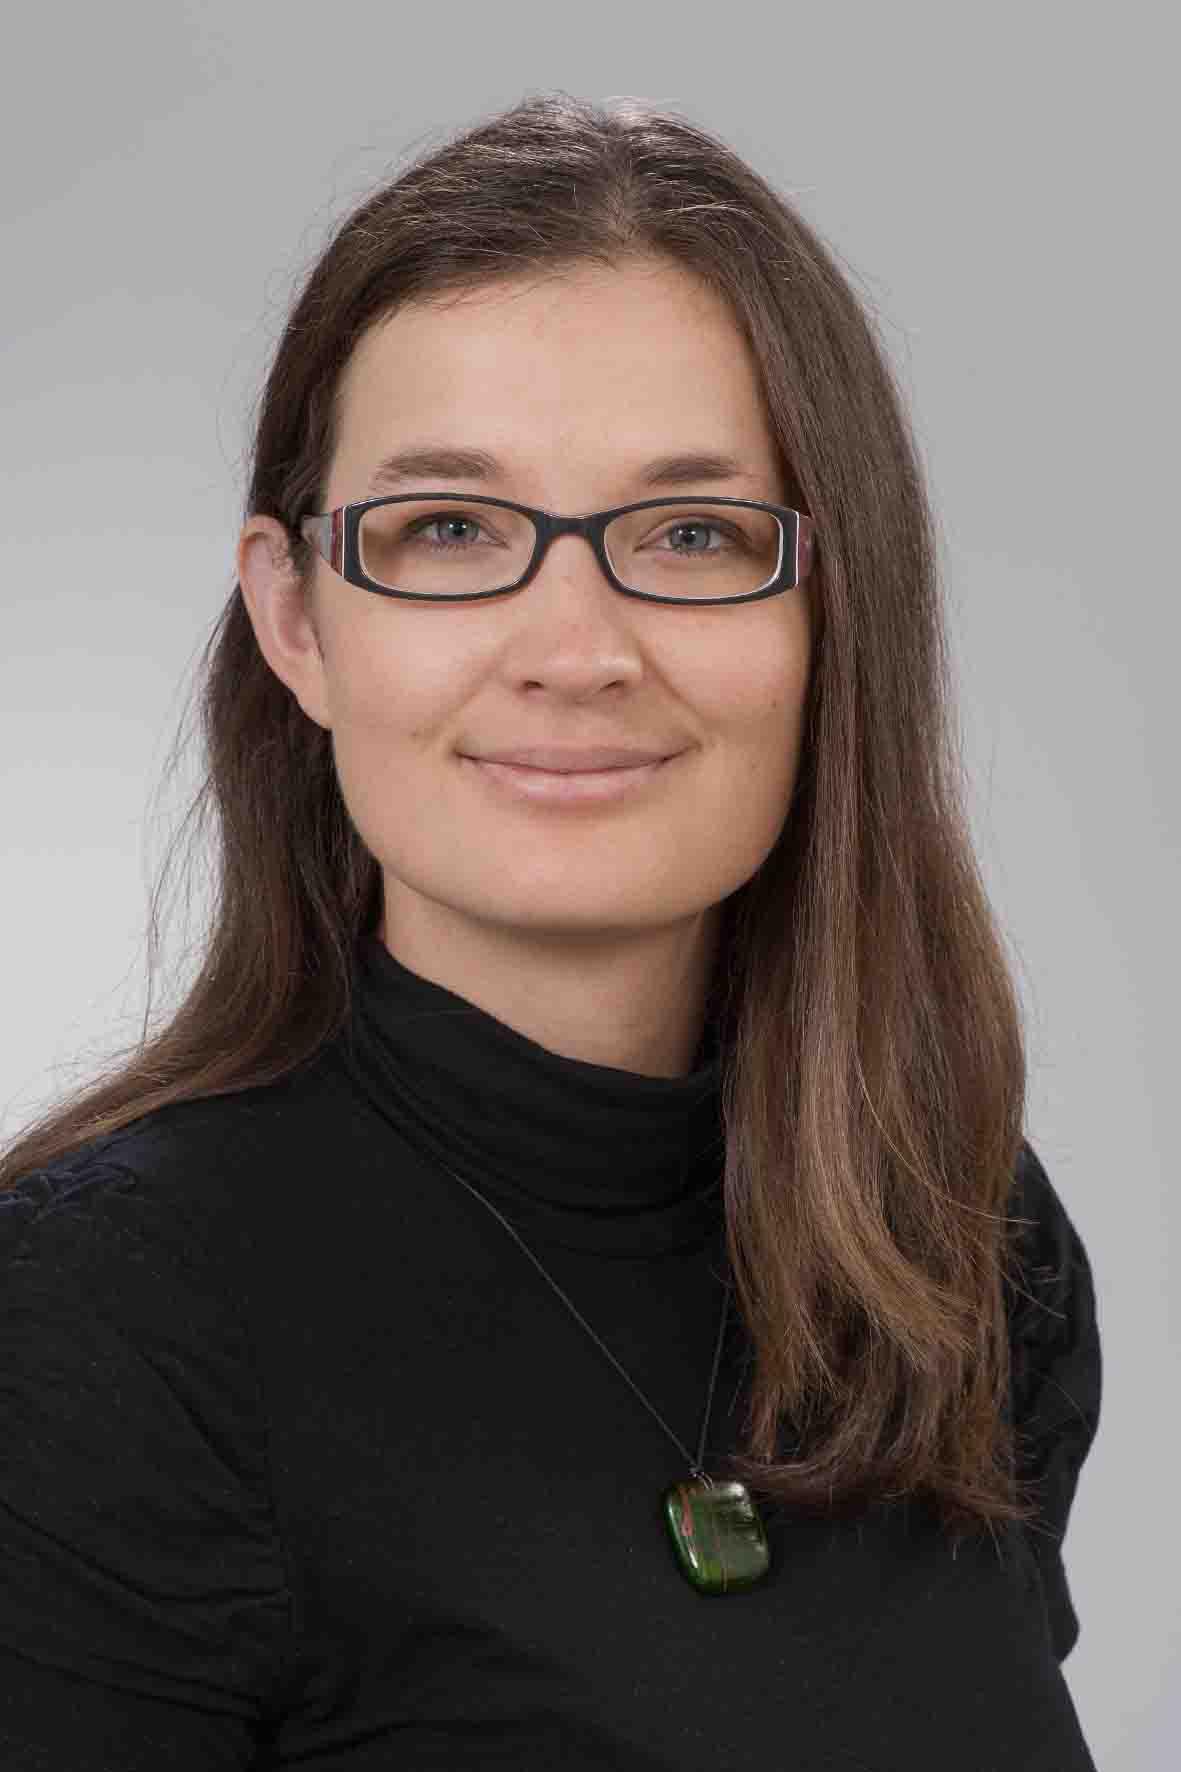 Maria Hytti